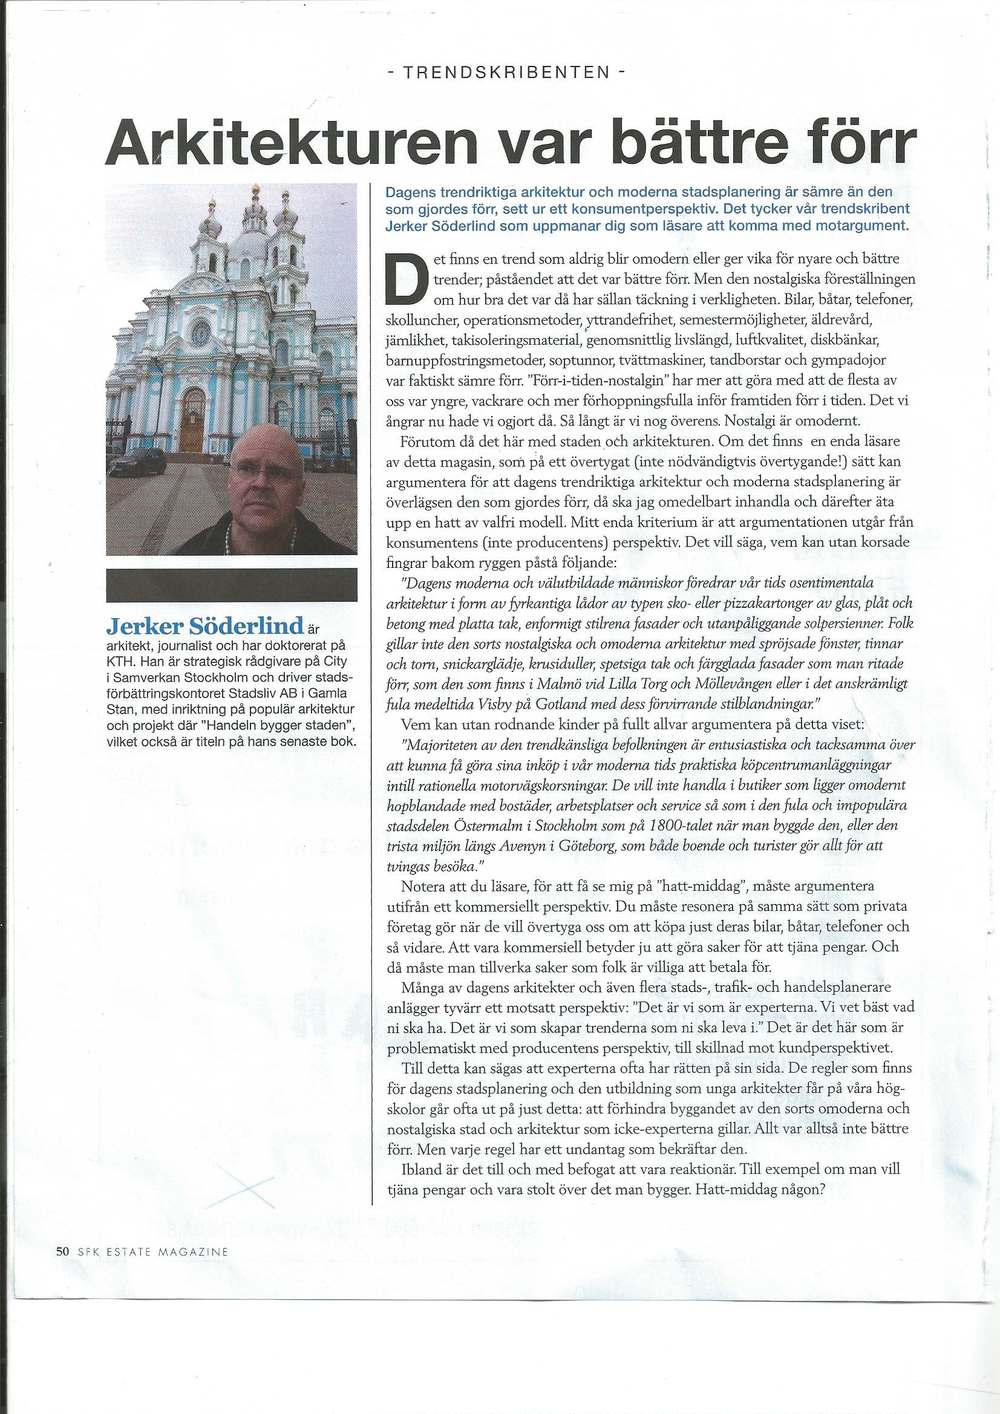 Artikel 2 Arkitekturen var bättre förr, Trendsskribenten, 2013.jpg